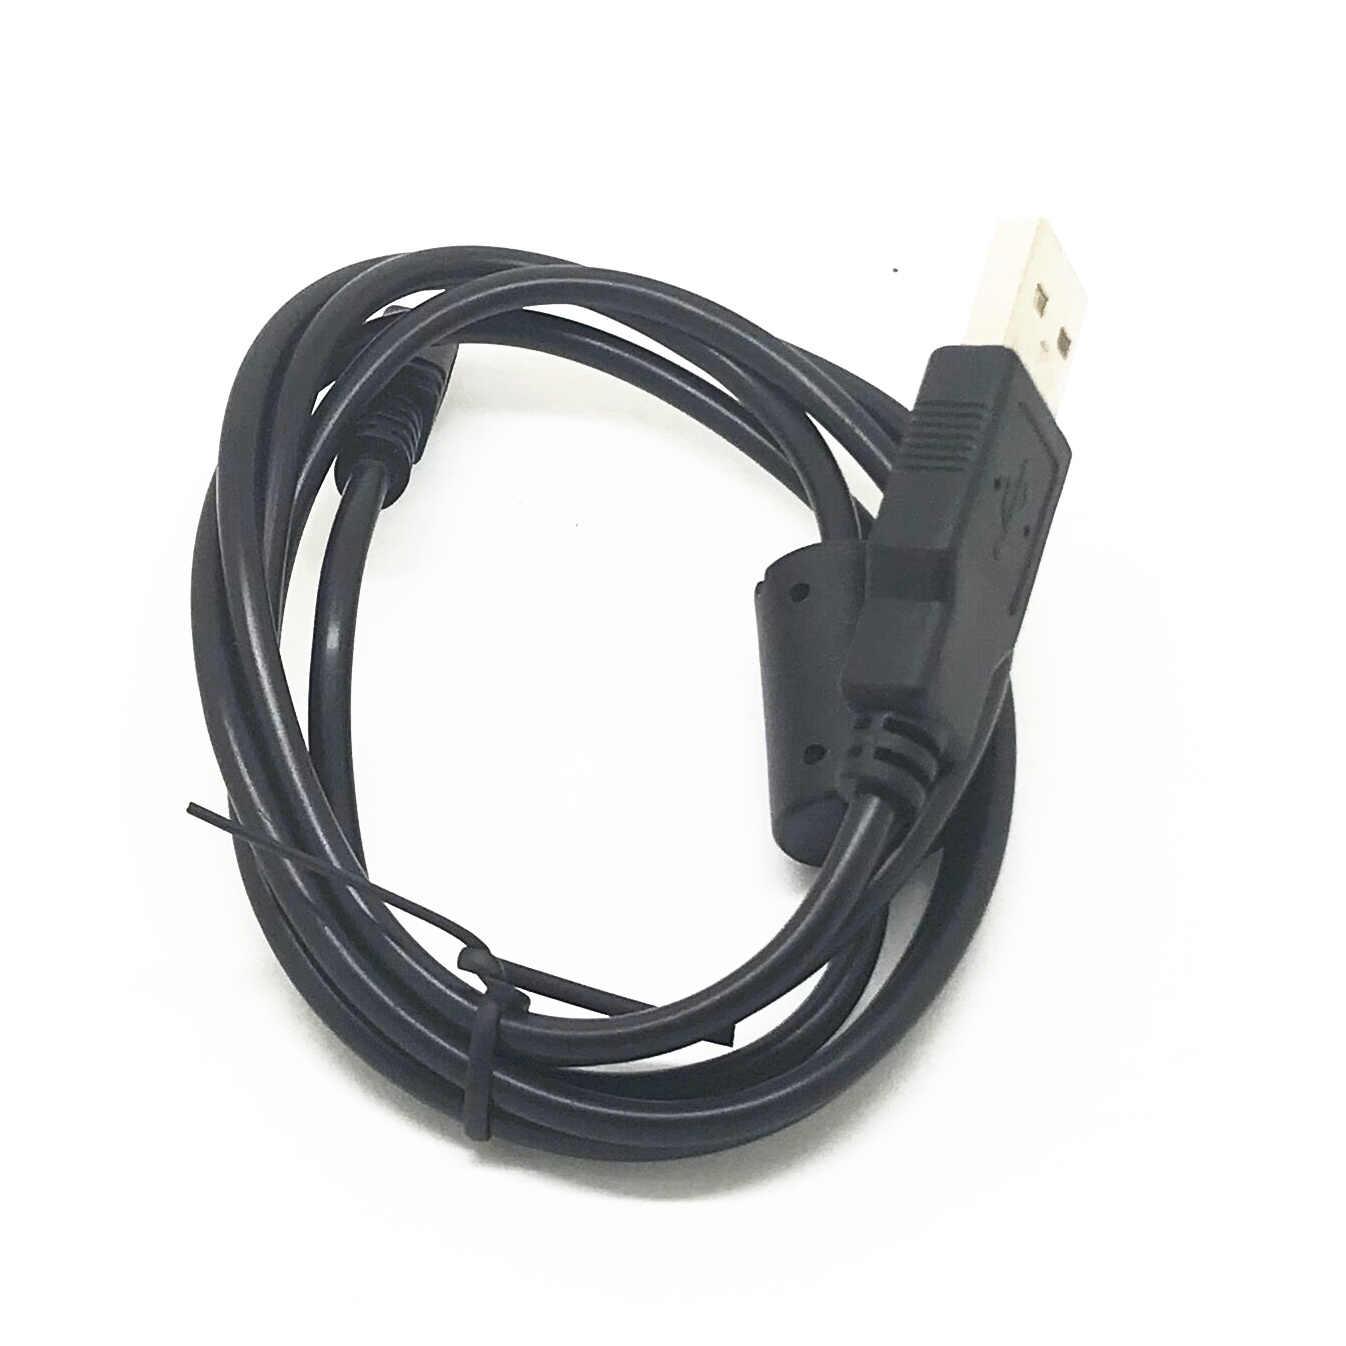 ENTREGA GRATUITA, Cable de sincronización de PC USB, Cable de carga de datos para RICOH GR2 GRII GR II